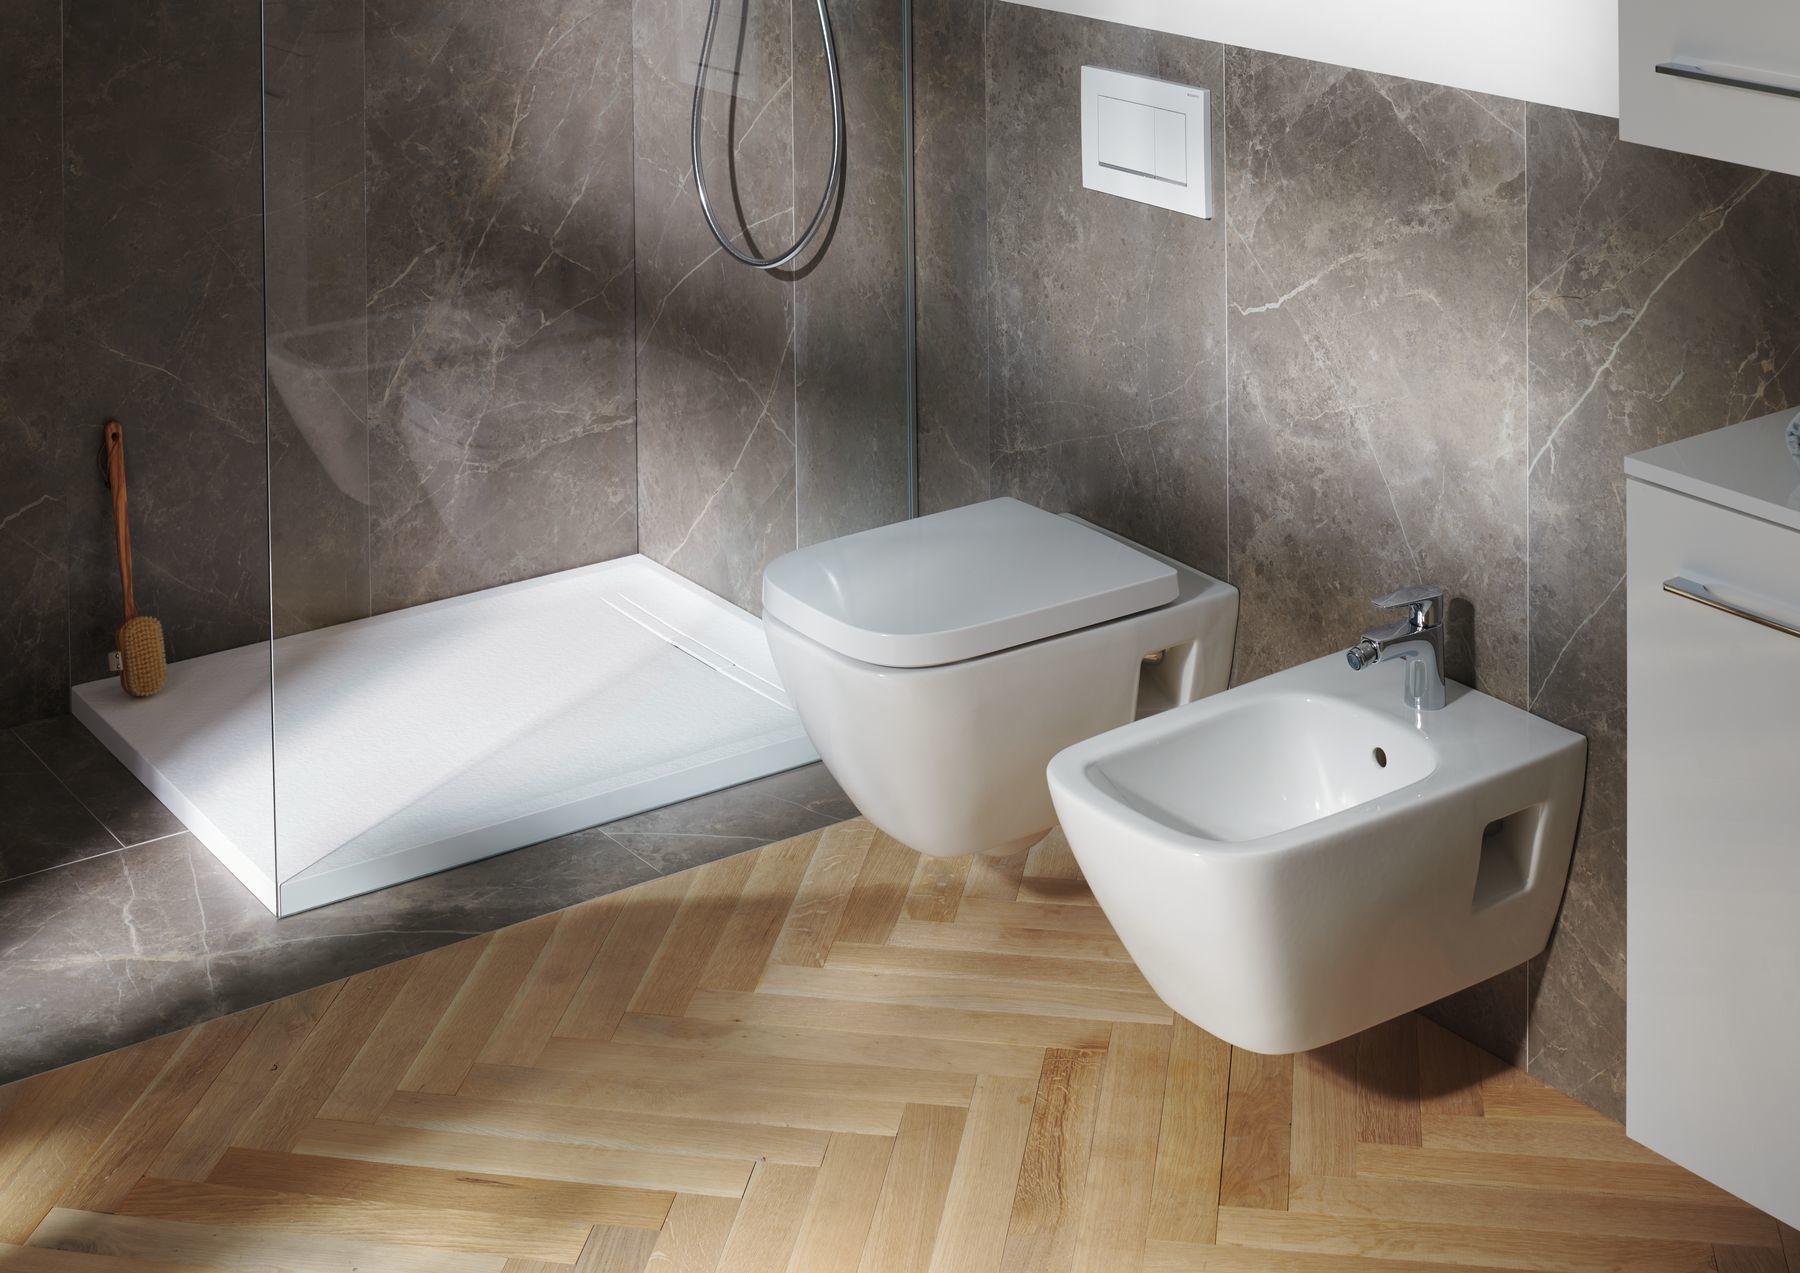 Toaleta a bidet v modernom hranatom dizajne